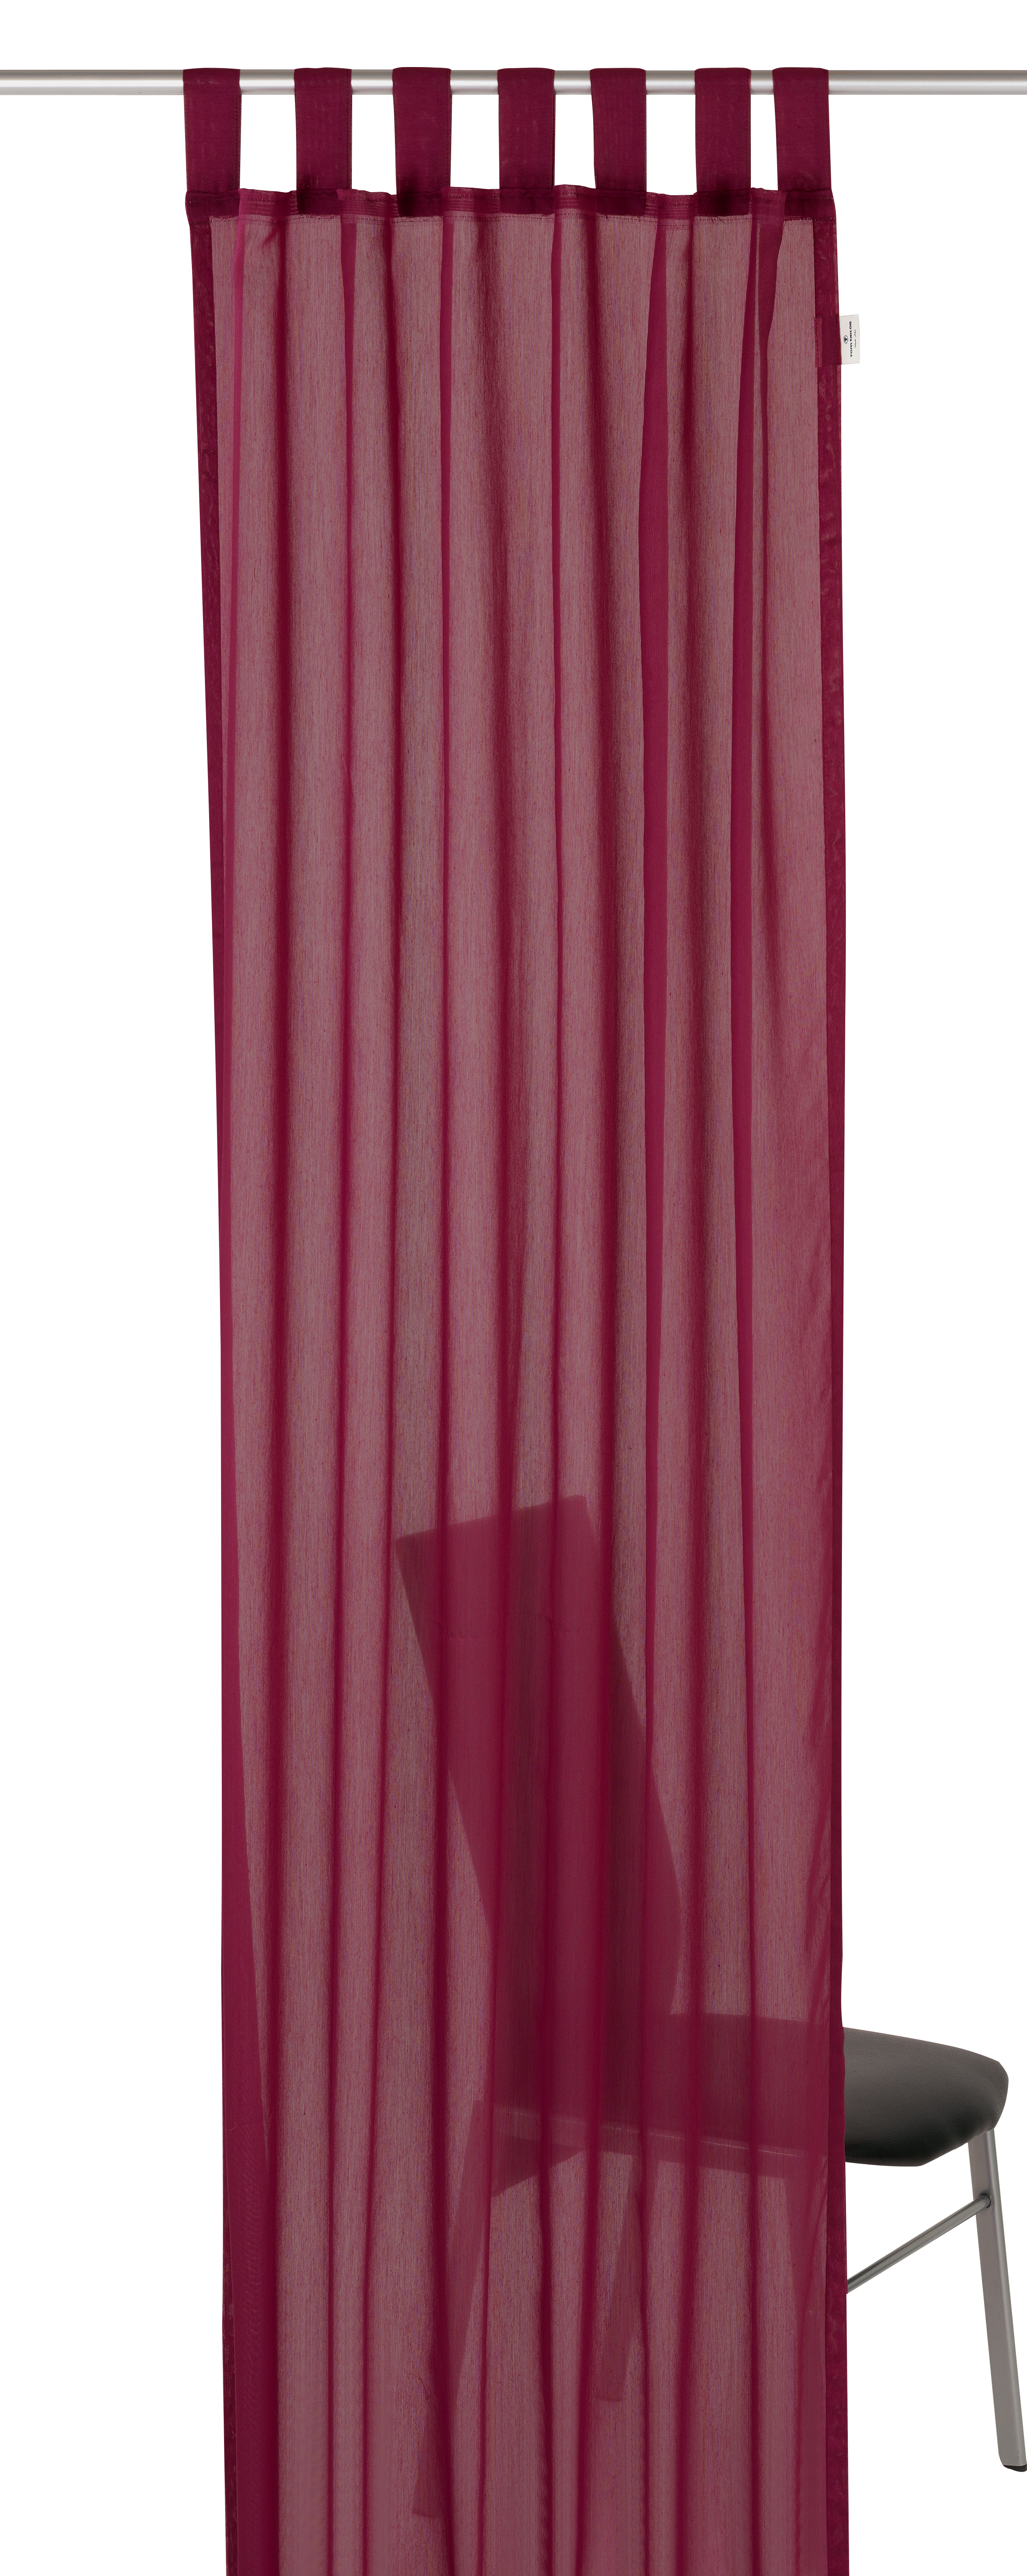 schlaufenschal t plain uni bordeaux sale bn gardinen online shop. Black Bedroom Furniture Sets. Home Design Ideas